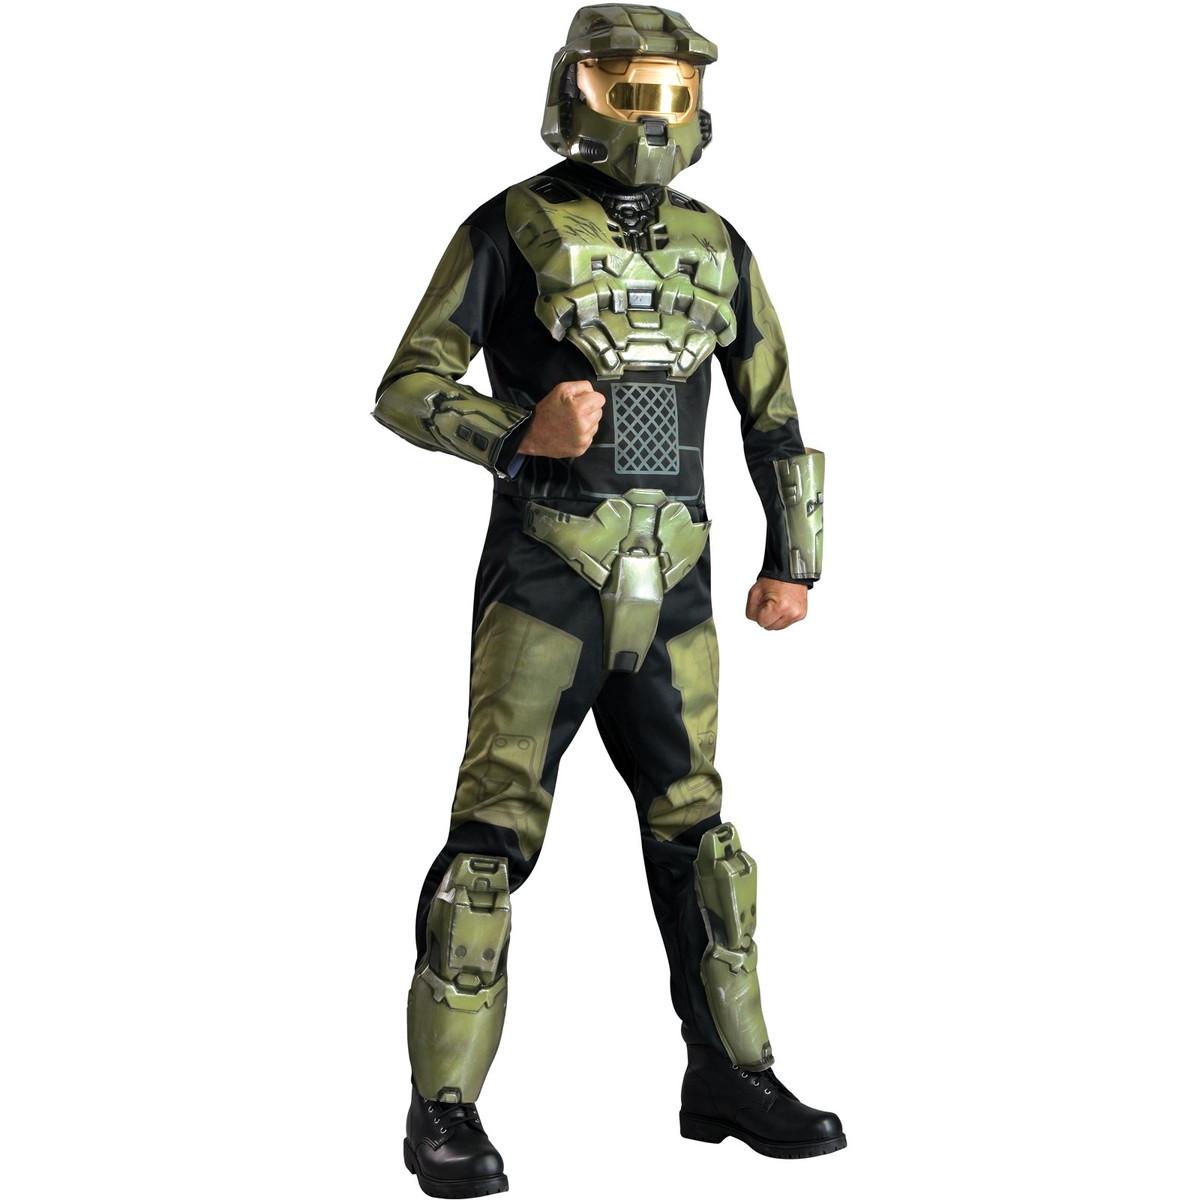 プレゼント 衣装 ヘイロー3 DXマスターチーフ 大人用コスチューム